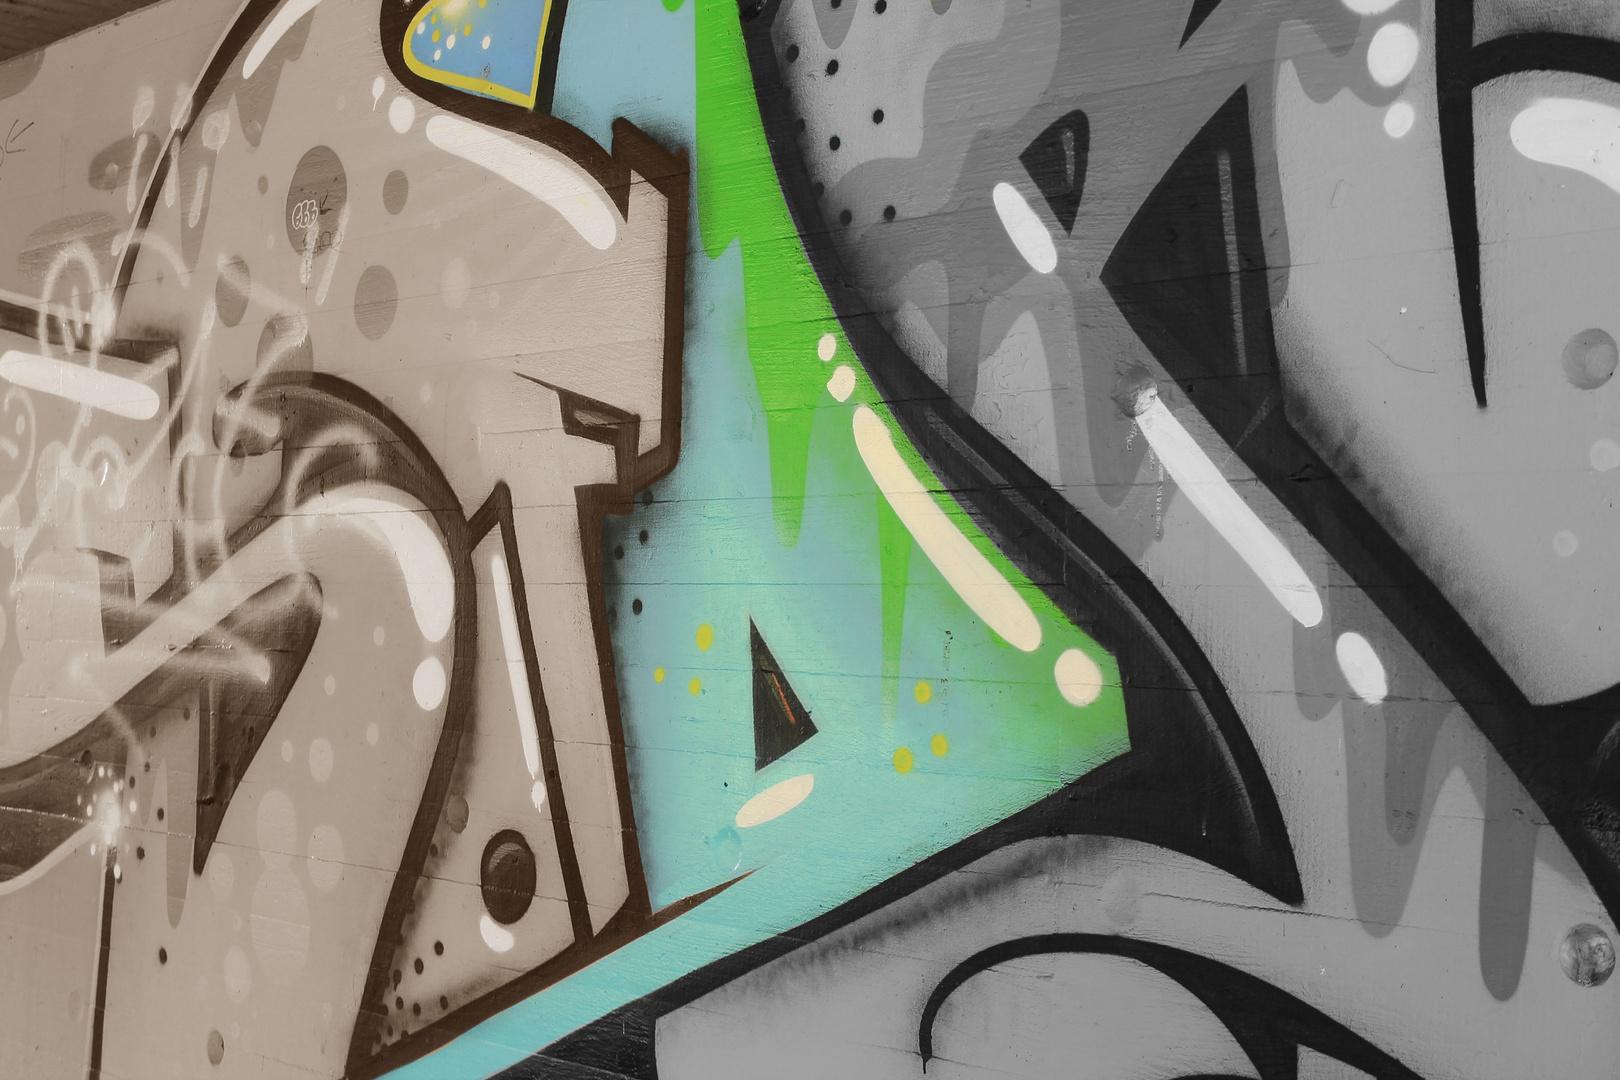 Graffiti In Ahrensburg Tricolor